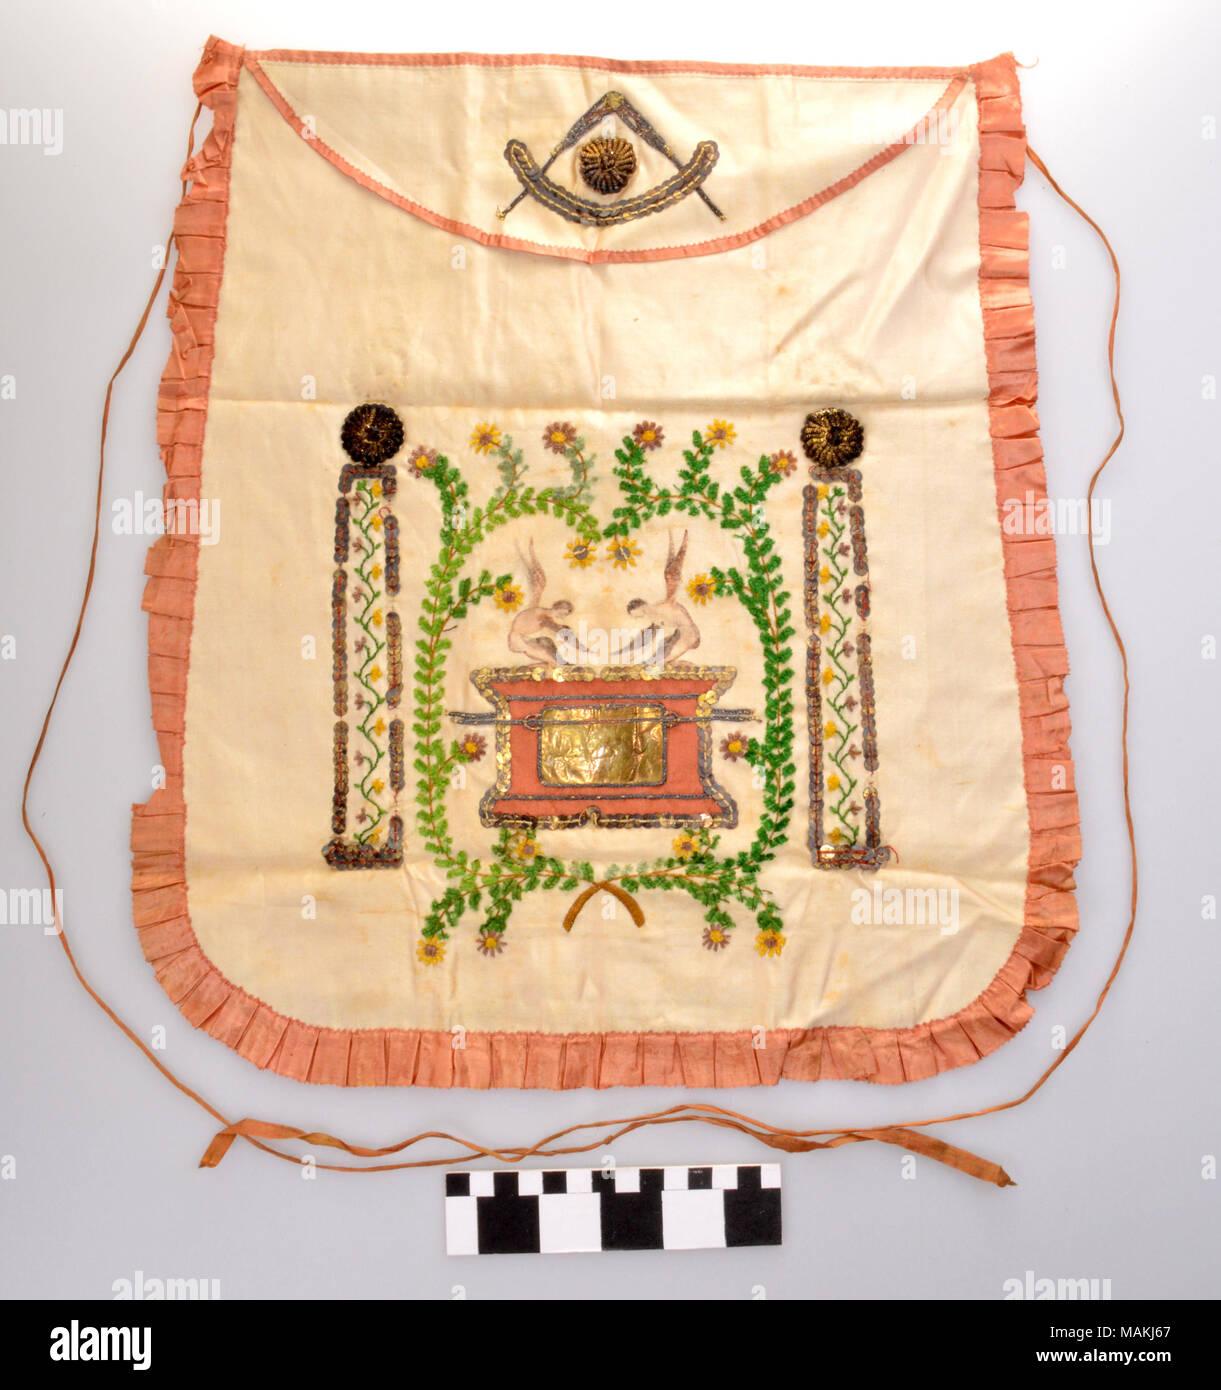 Masonic Apron Stock Photos & Masonic Apron Stock Images - Alamy